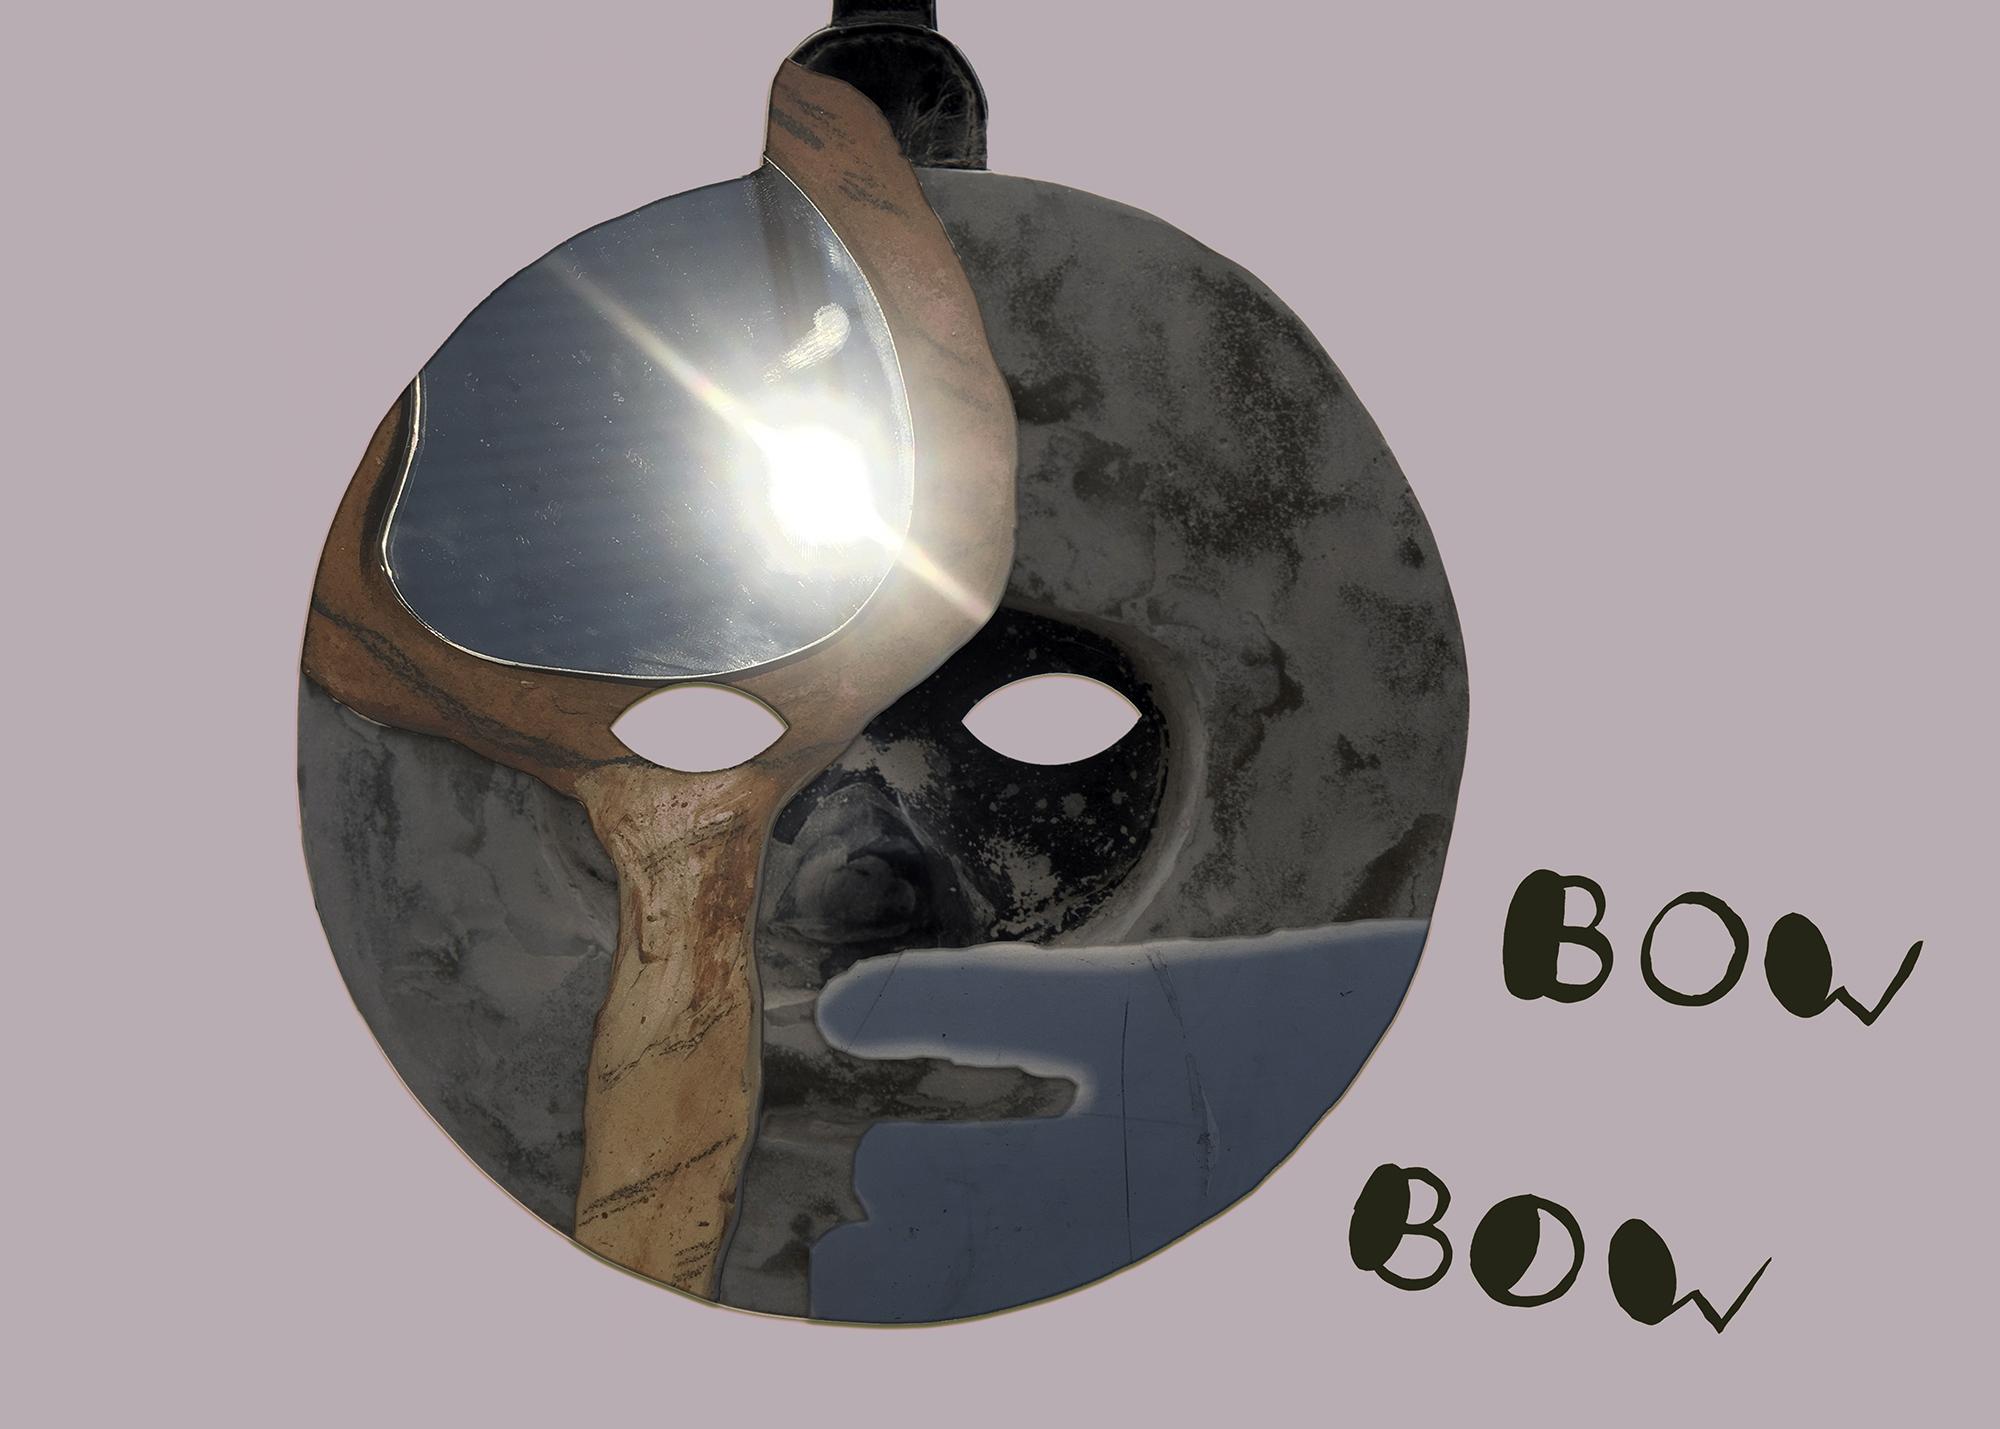 bowBow.JPG